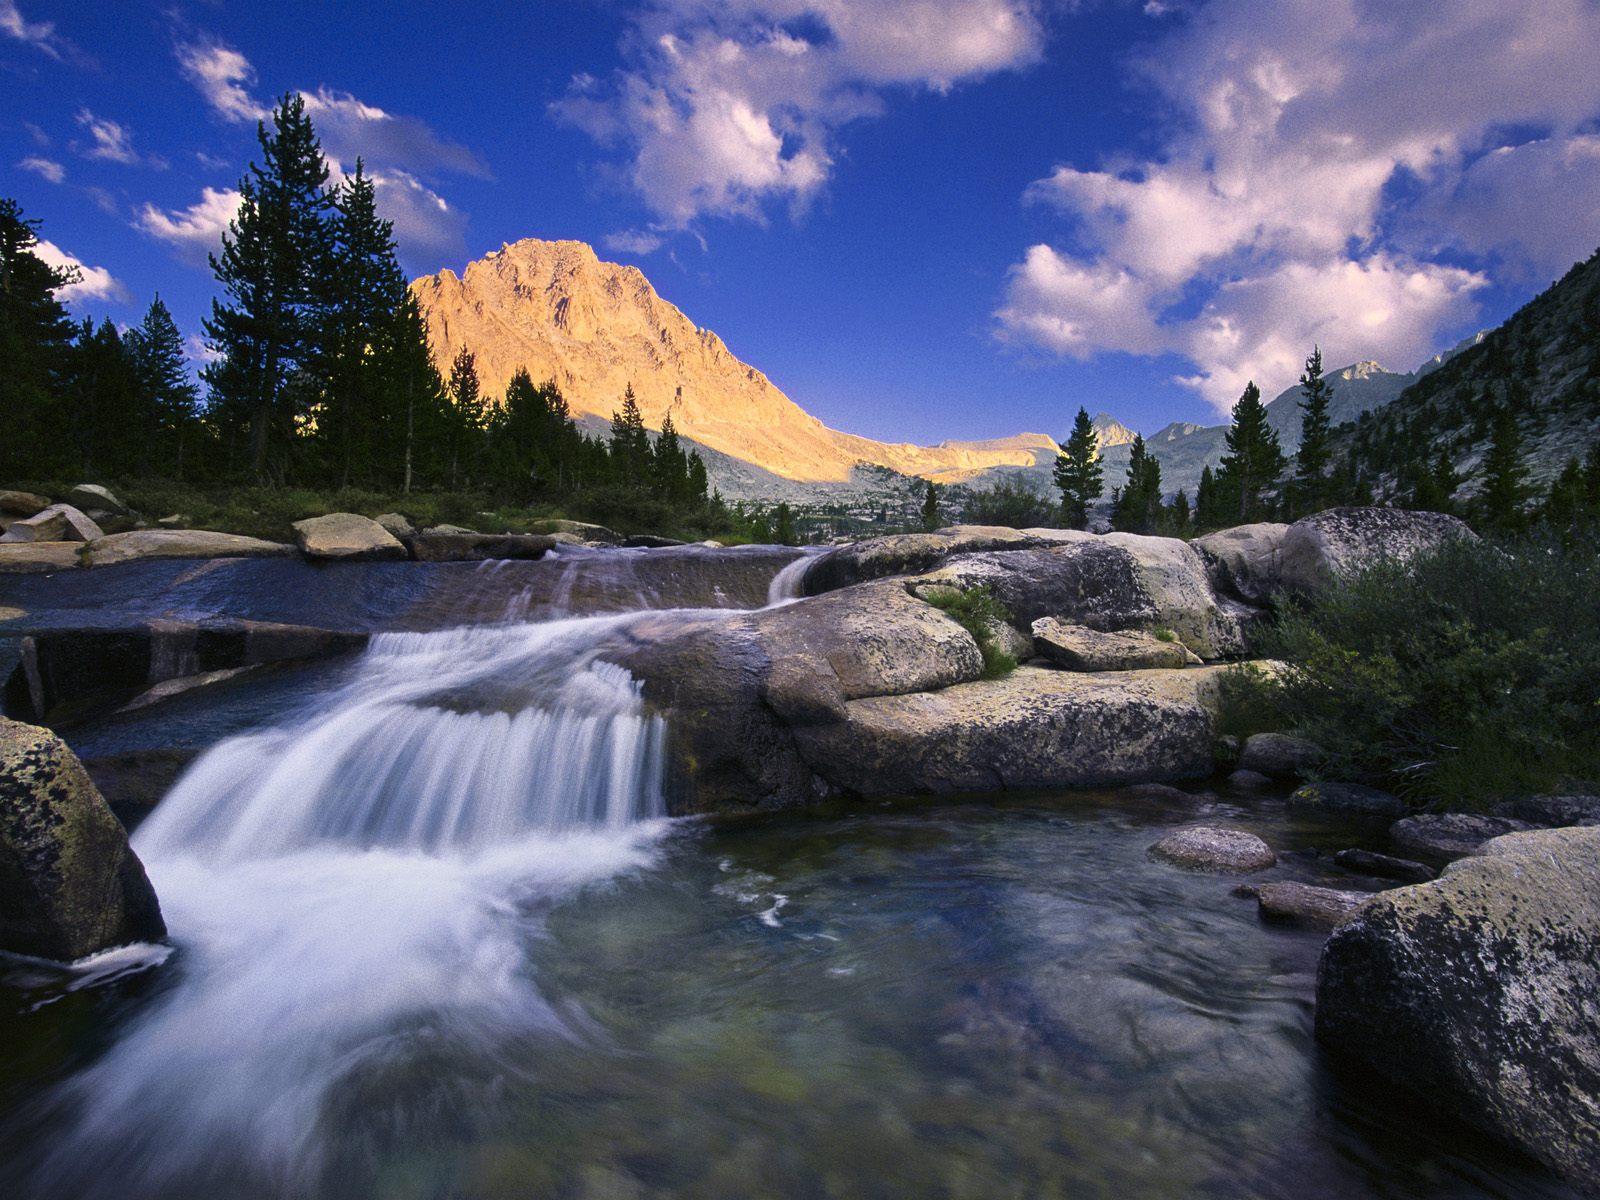 超精美自然风景